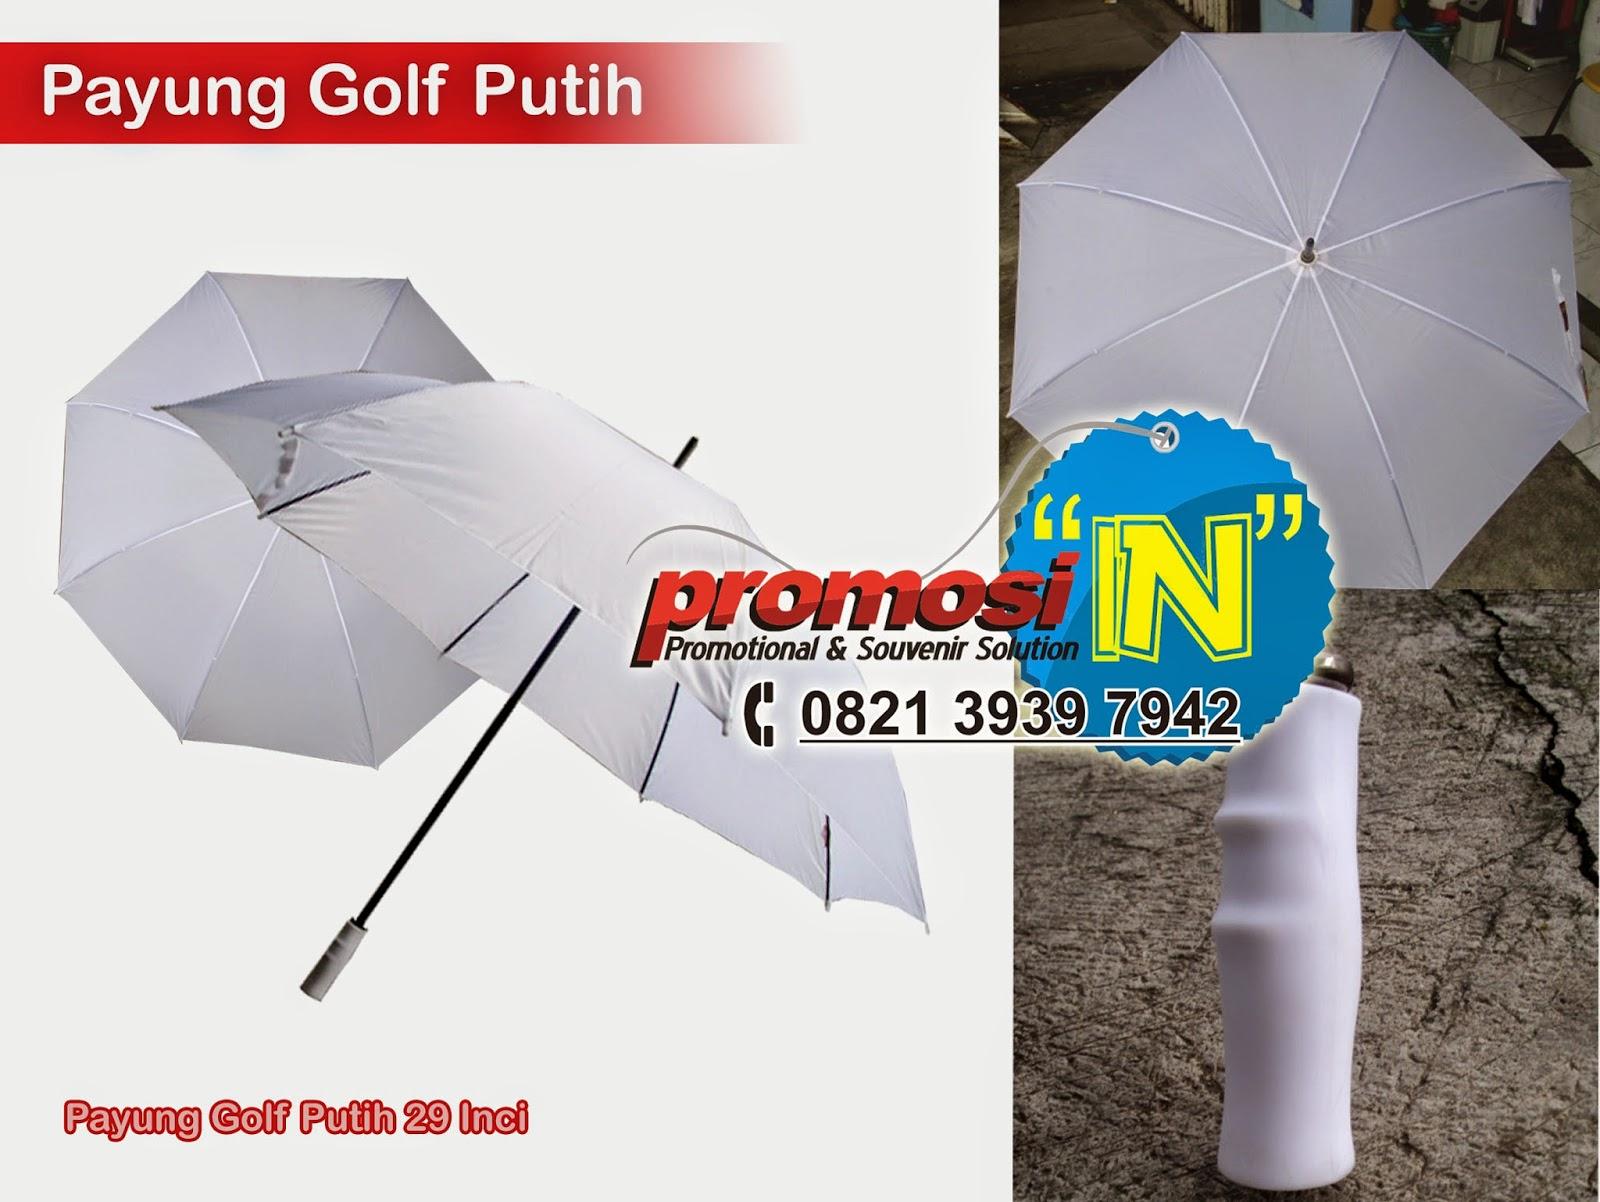 Pesan Payung Promosi, Payung Promosi Sablon, Payung Golf Sablon, Payung Promosi Perusahaan